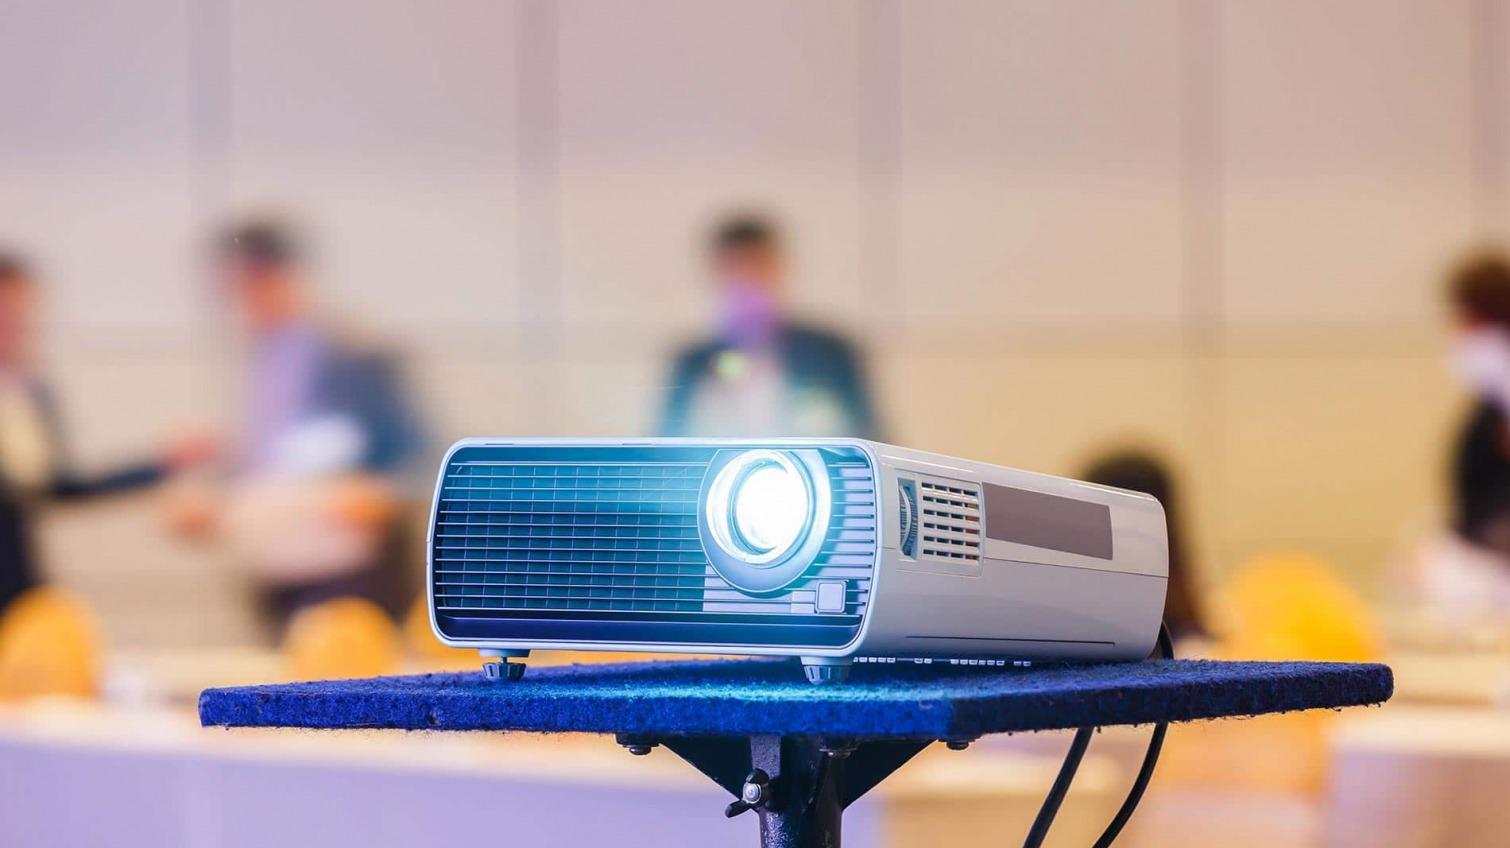 Больше миллиона гривен потратят на закупку телеоборудования для школ Раздельнянского района «фото»